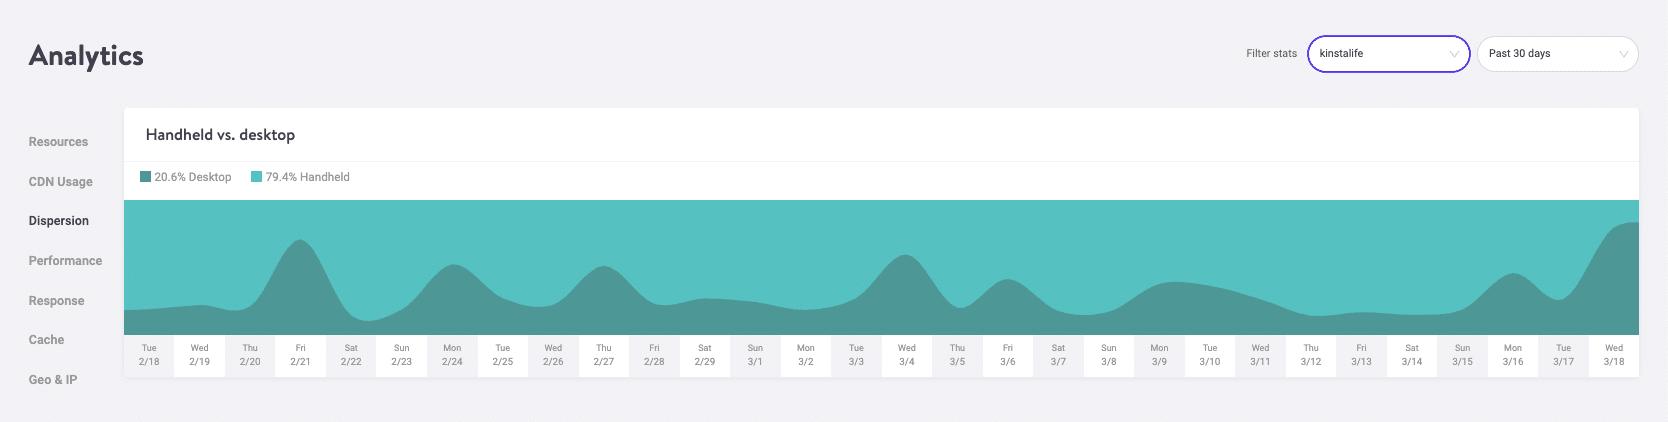 MyKinsta Analytics Mobil- vs. Desktop-Traffic